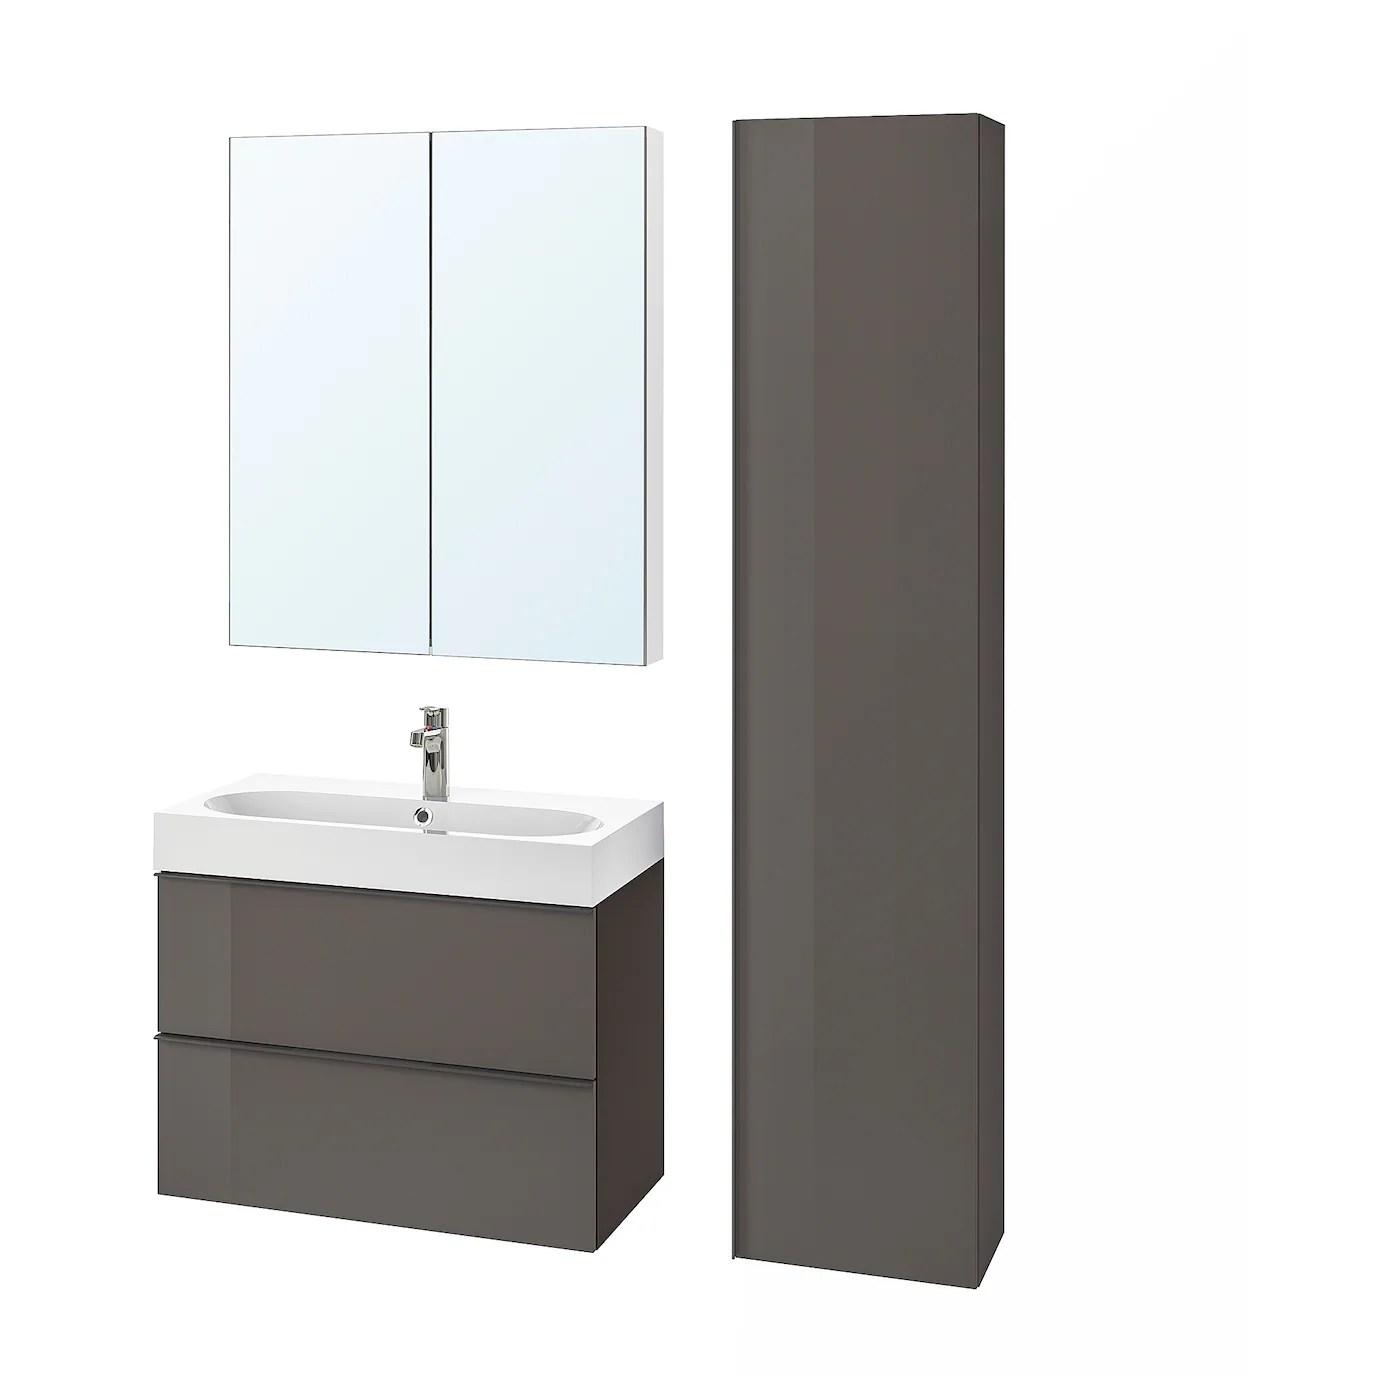 Prendi le misure e crea un ambiente funzionale e ben organizzato. Set Di Mobili Per Bagno Ikea It